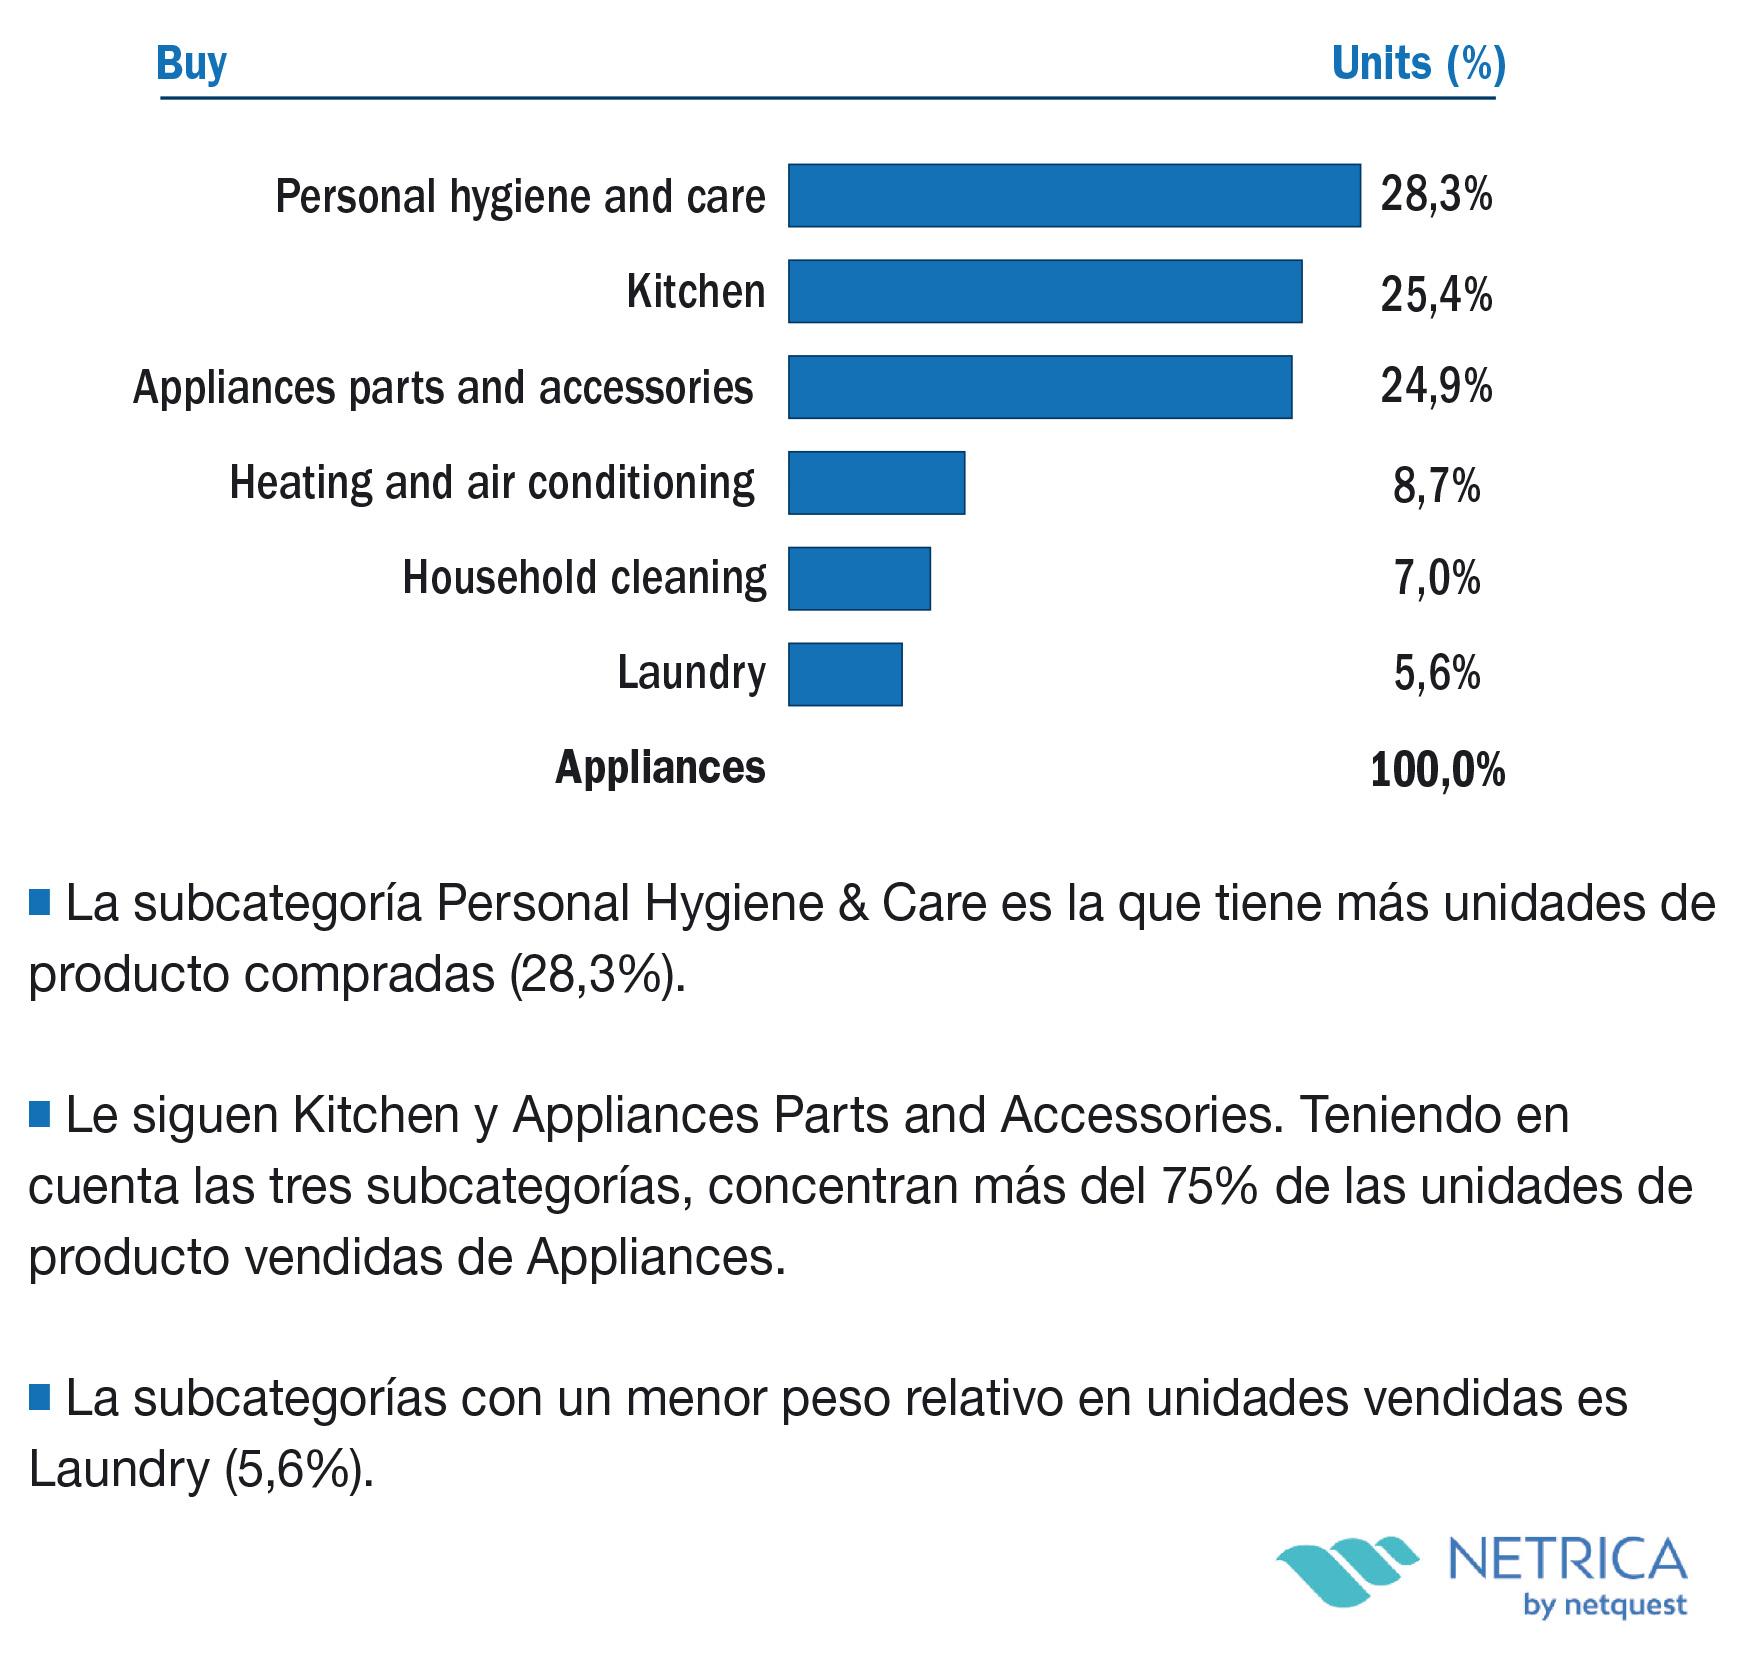 Peso relativo de las subcategorías en unidades de producto